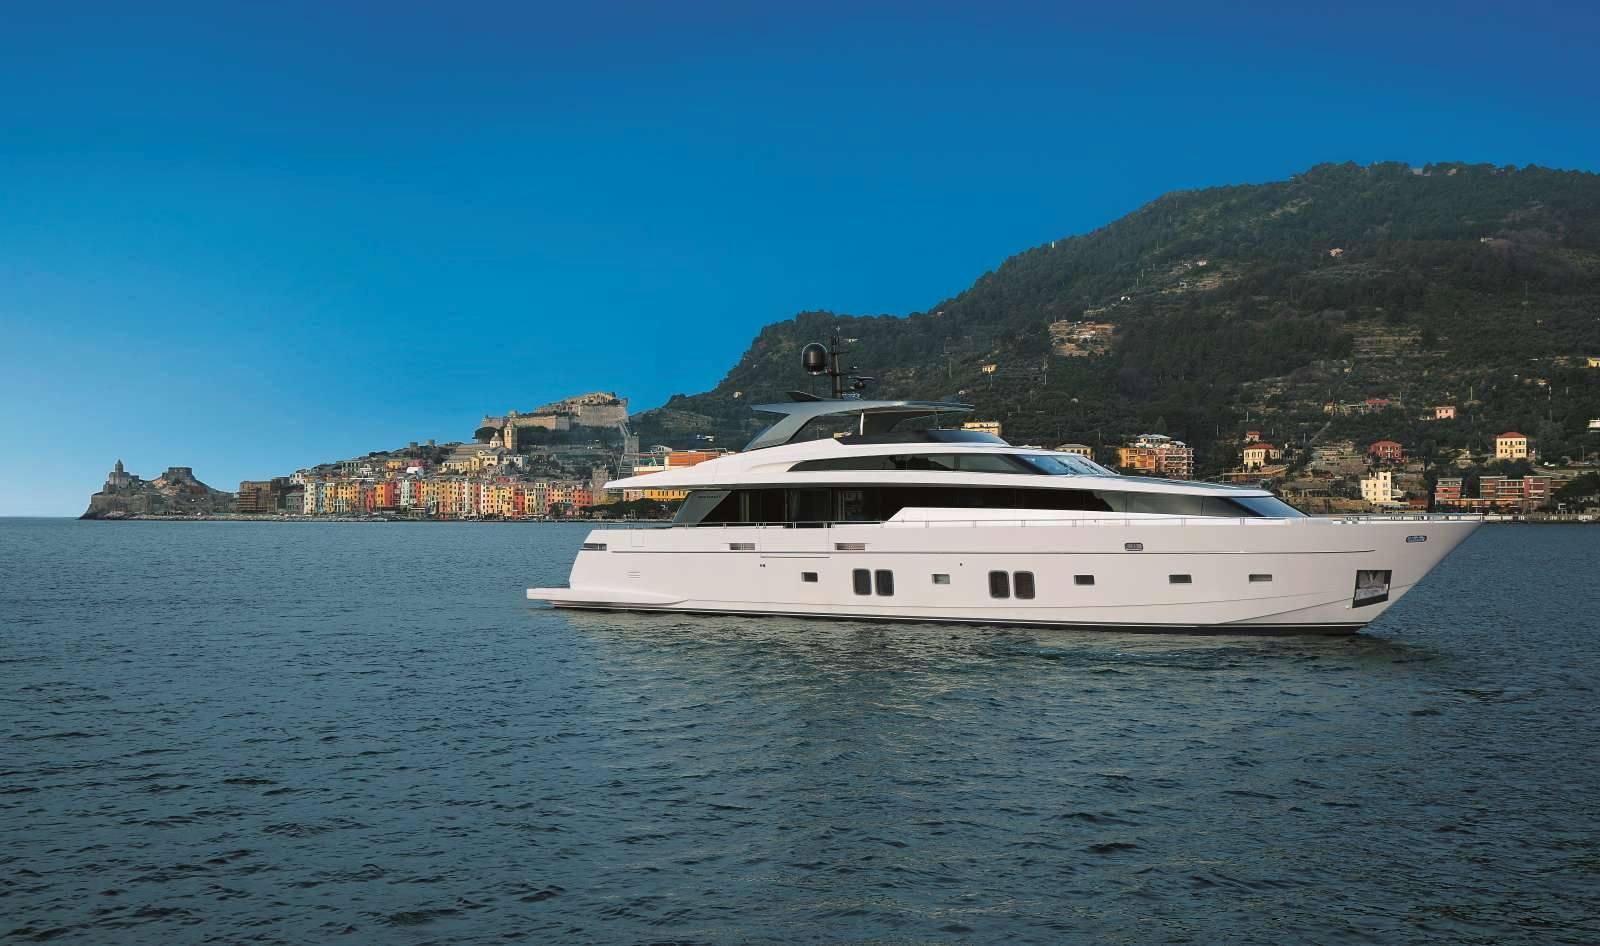 Arredamento su misura per yachts la permanente mobili for Arredamento yacht